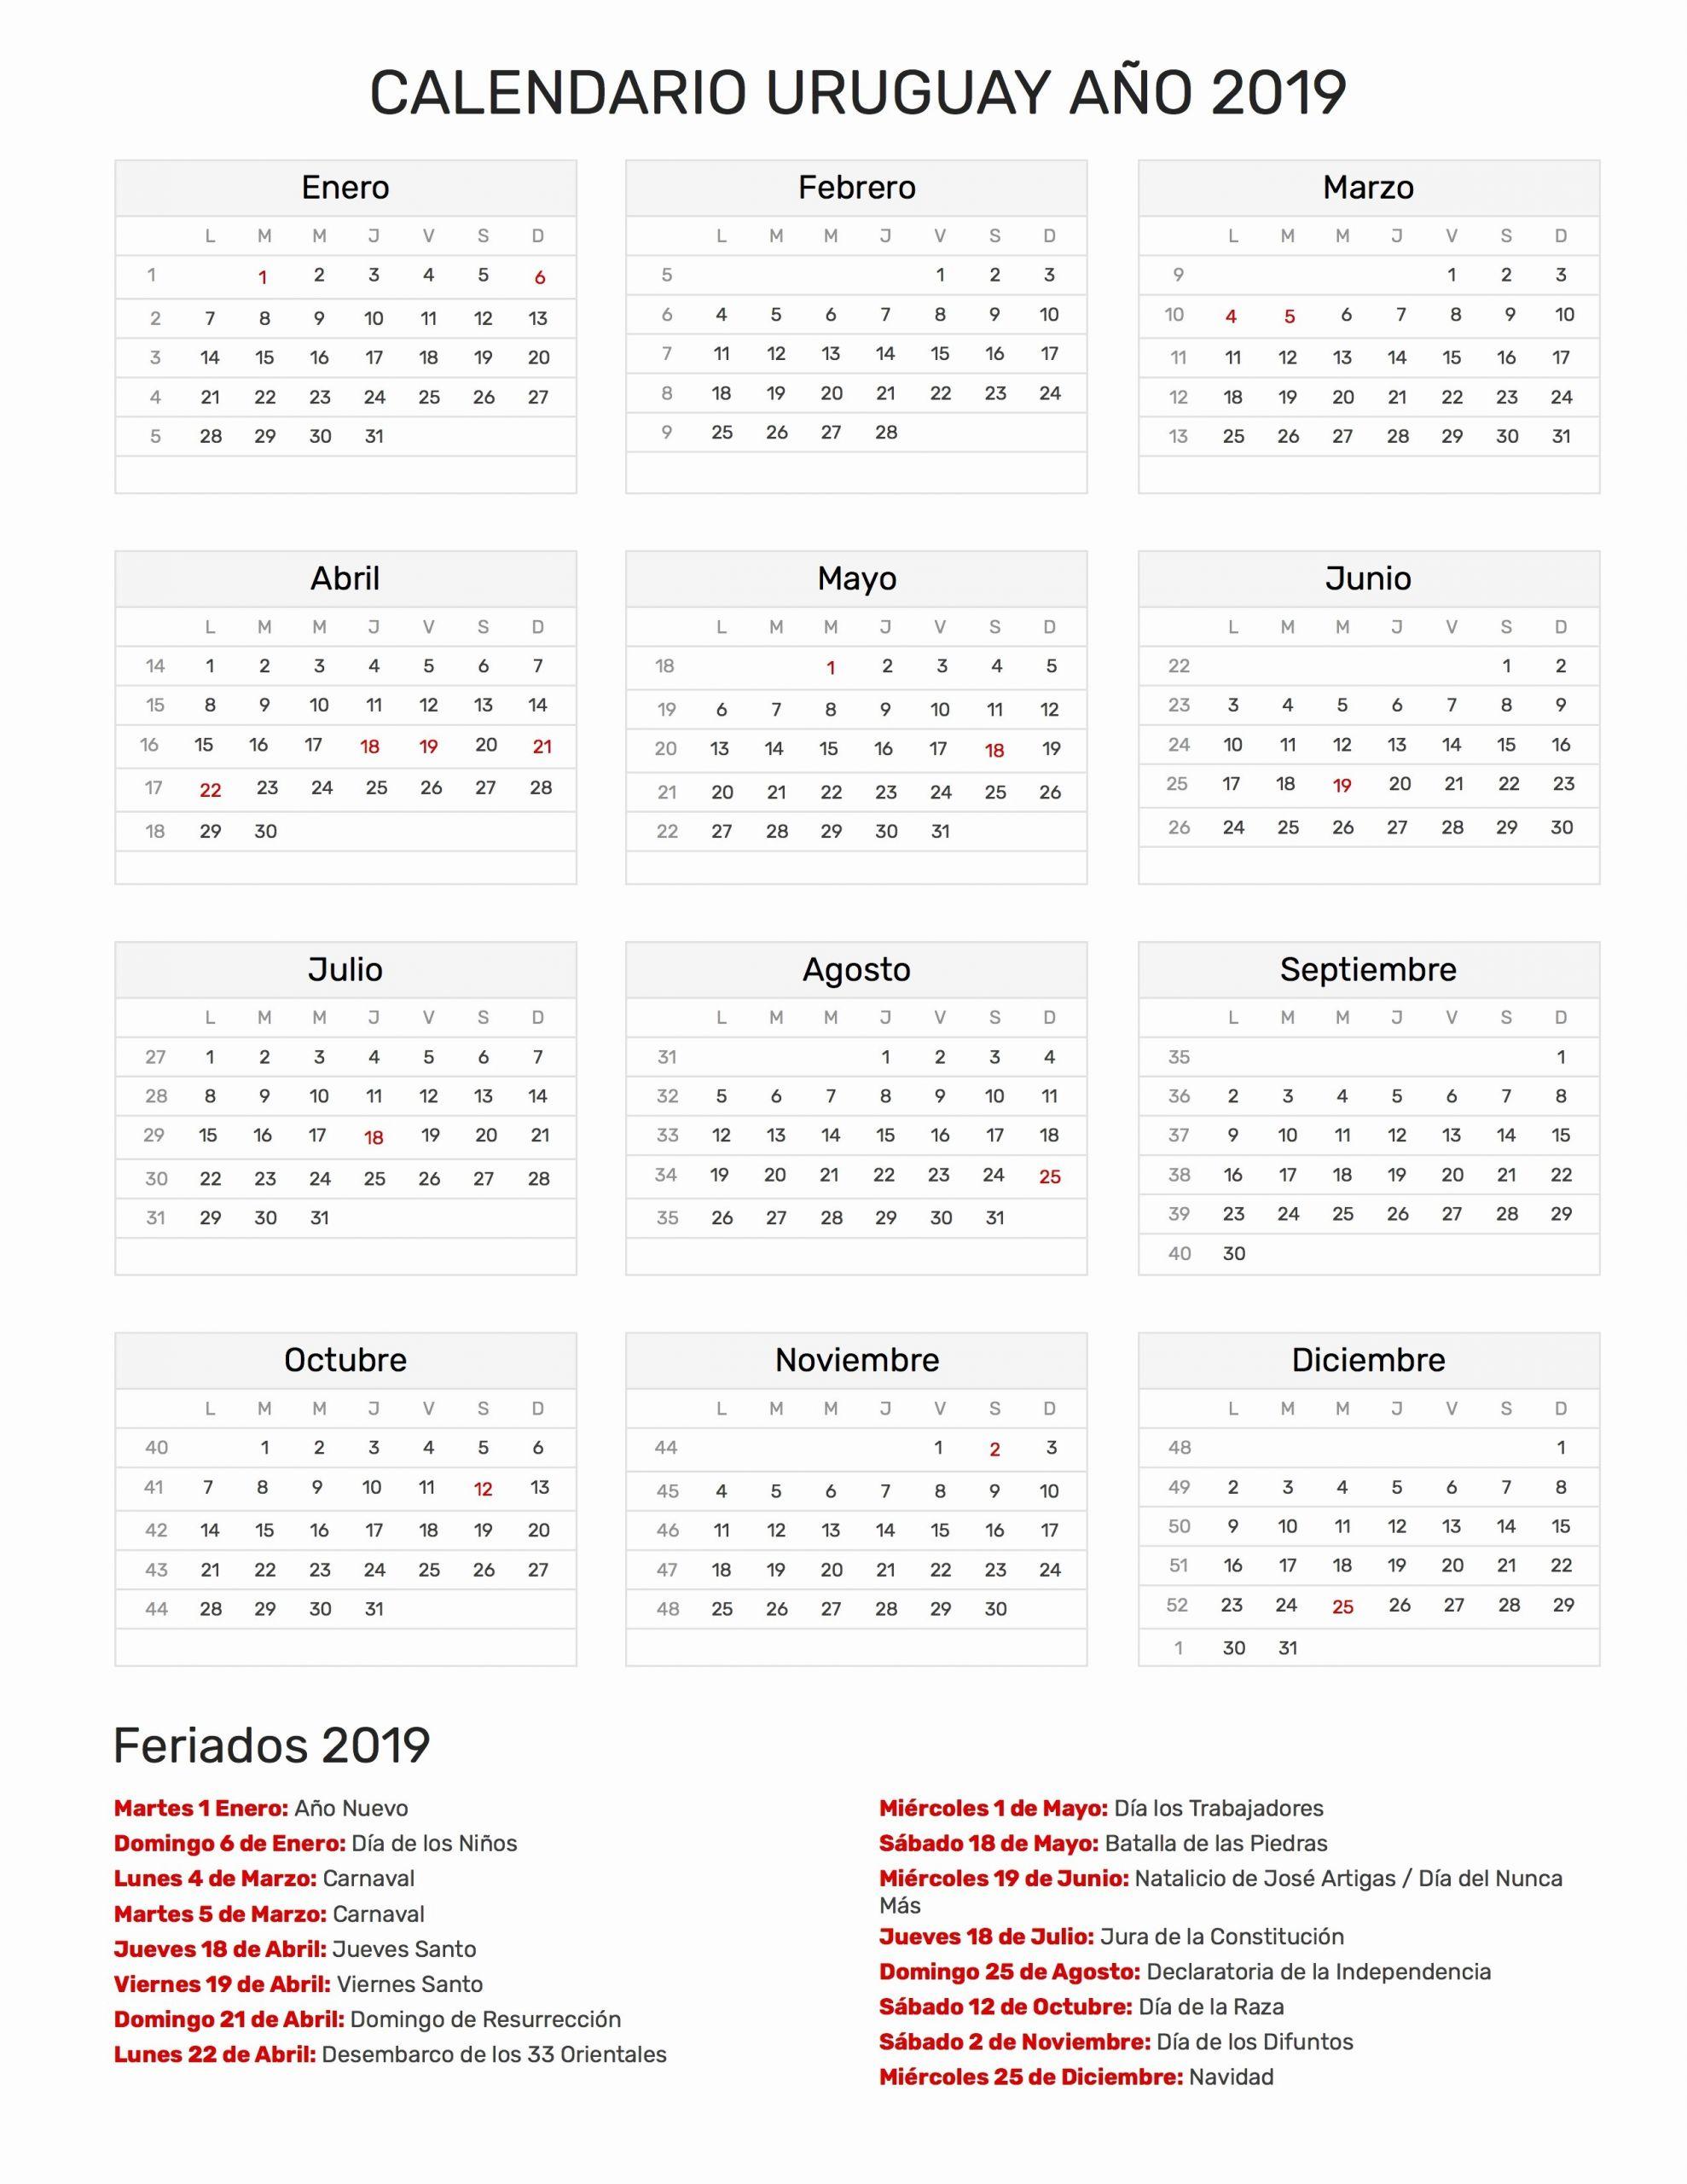 calendario feriados 2019 panama mas recientes calendario estaciones del ac2b1o 2019 calendario uruguay ano 2019 of calendario feriados 2019 panama